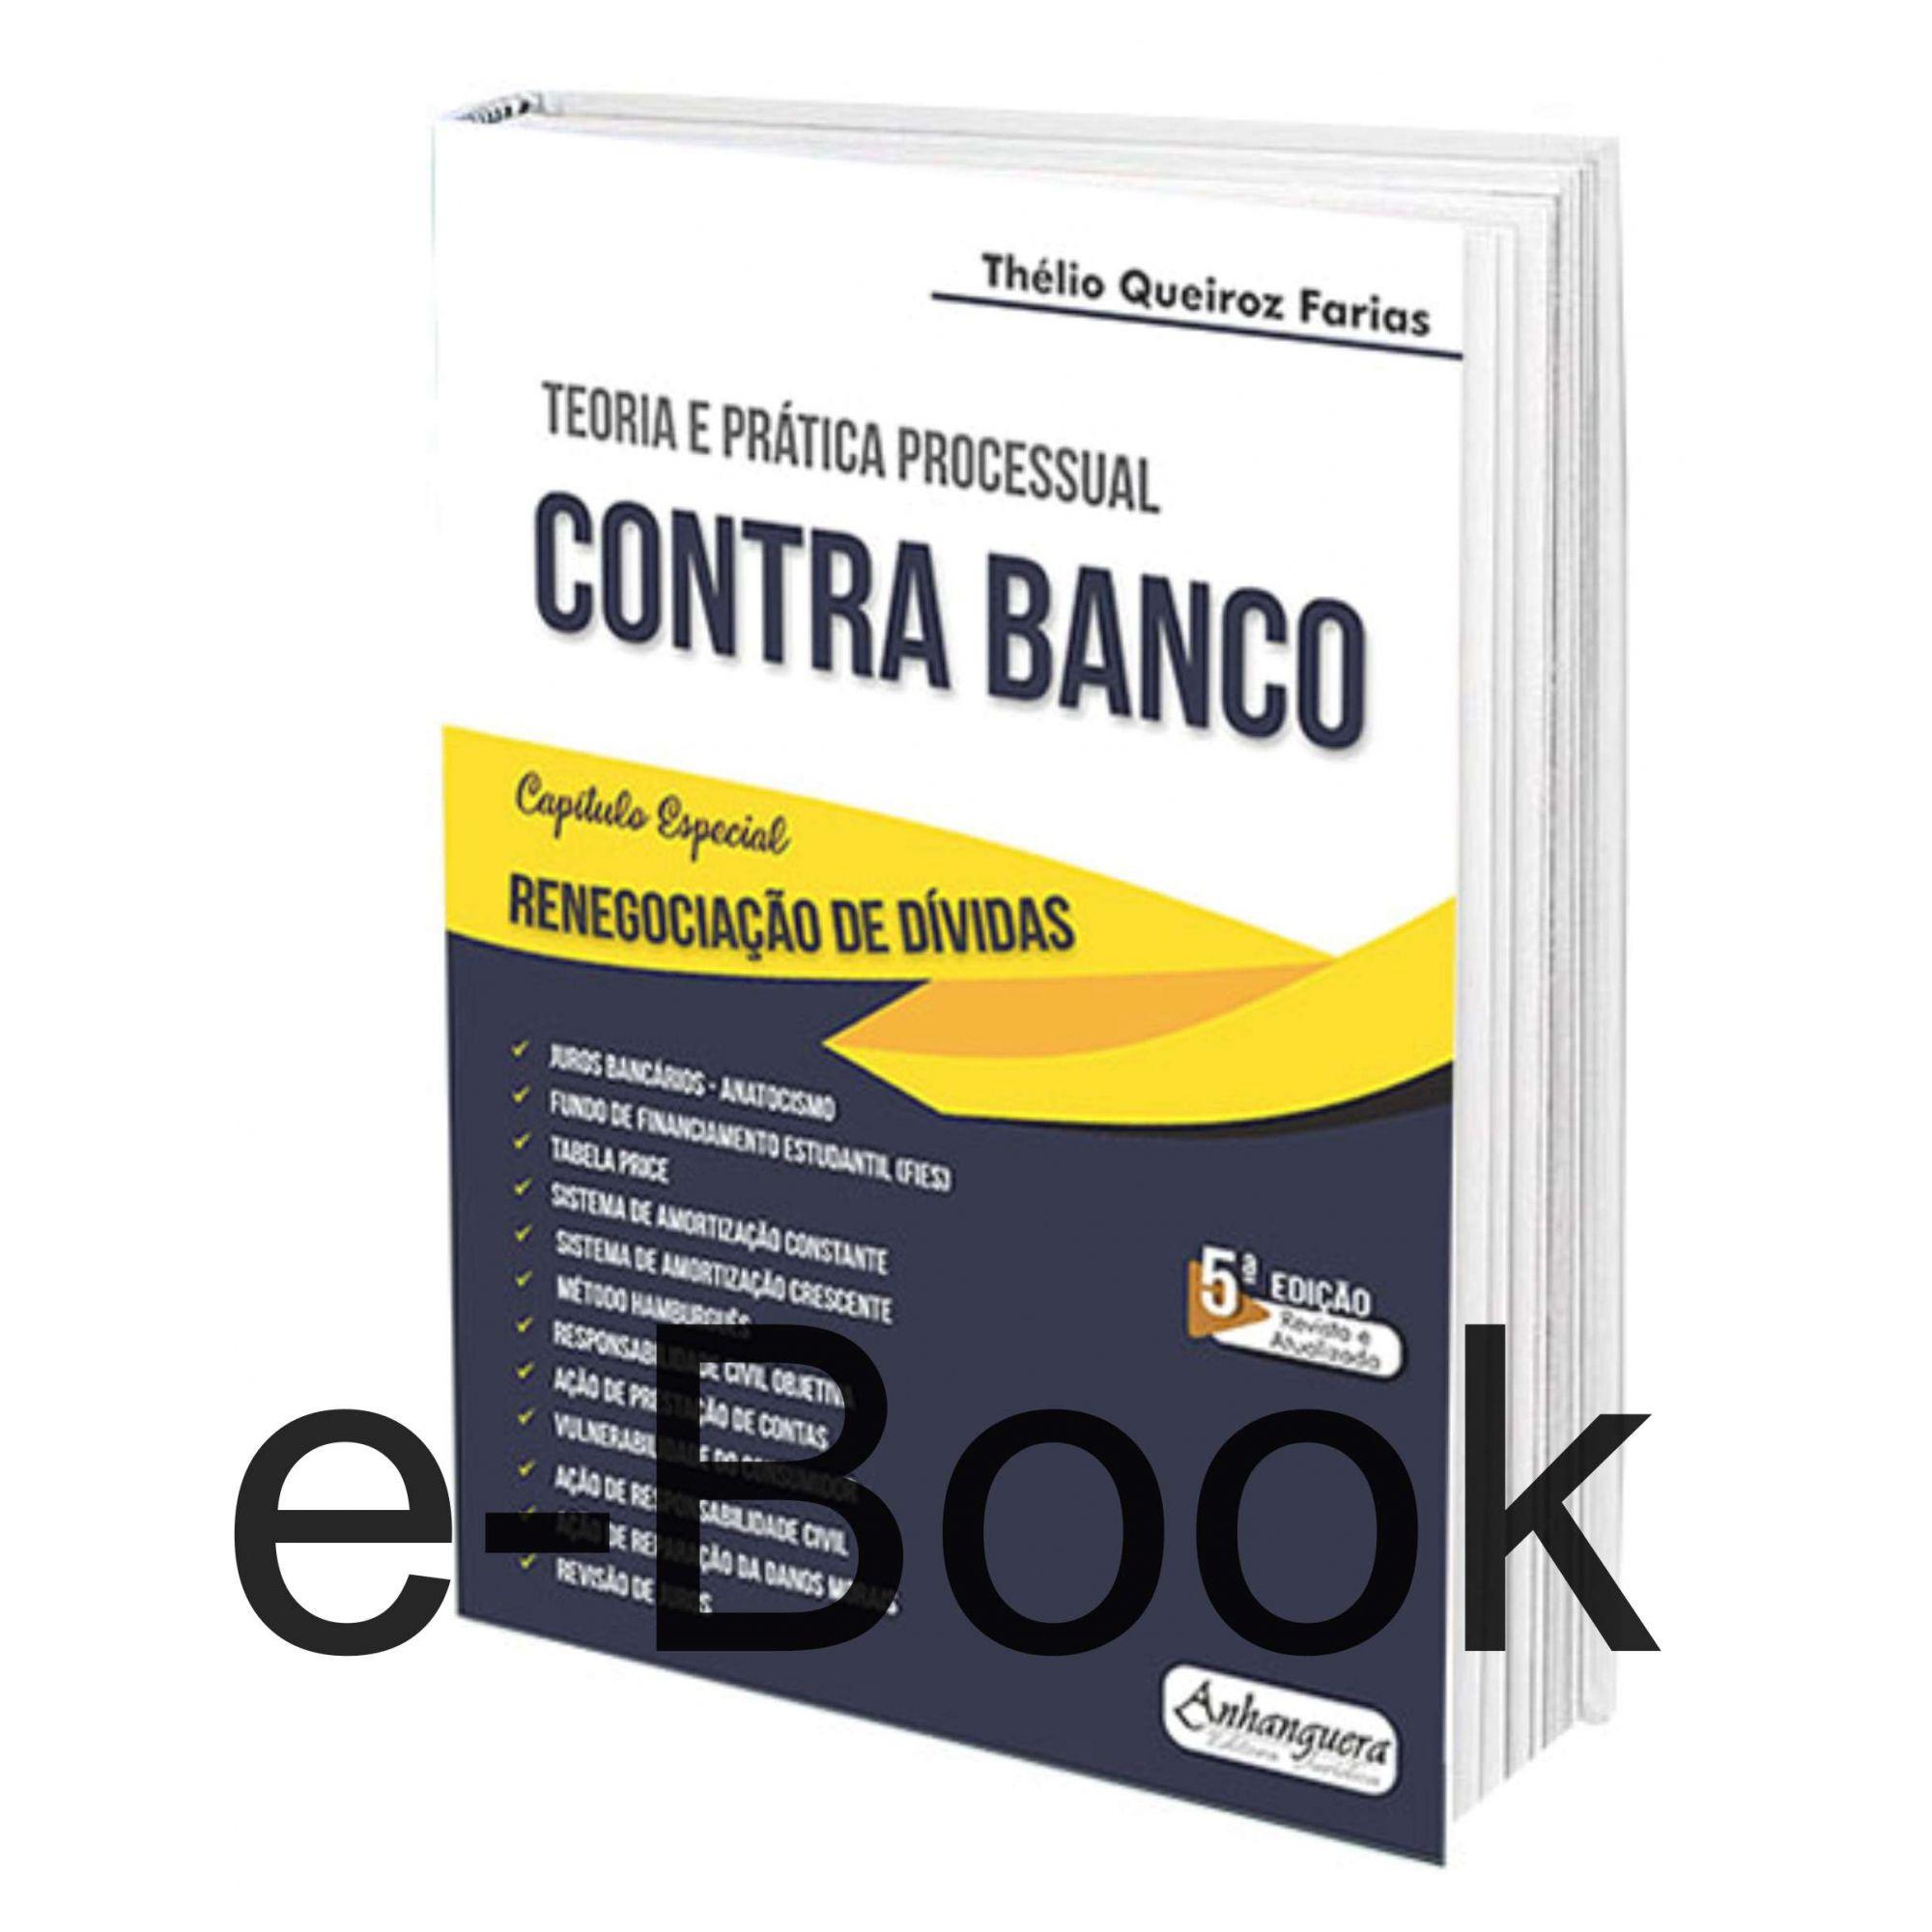 eBook Parte Prática - Teoria e Prática Contra Banco  - Edijur Editora